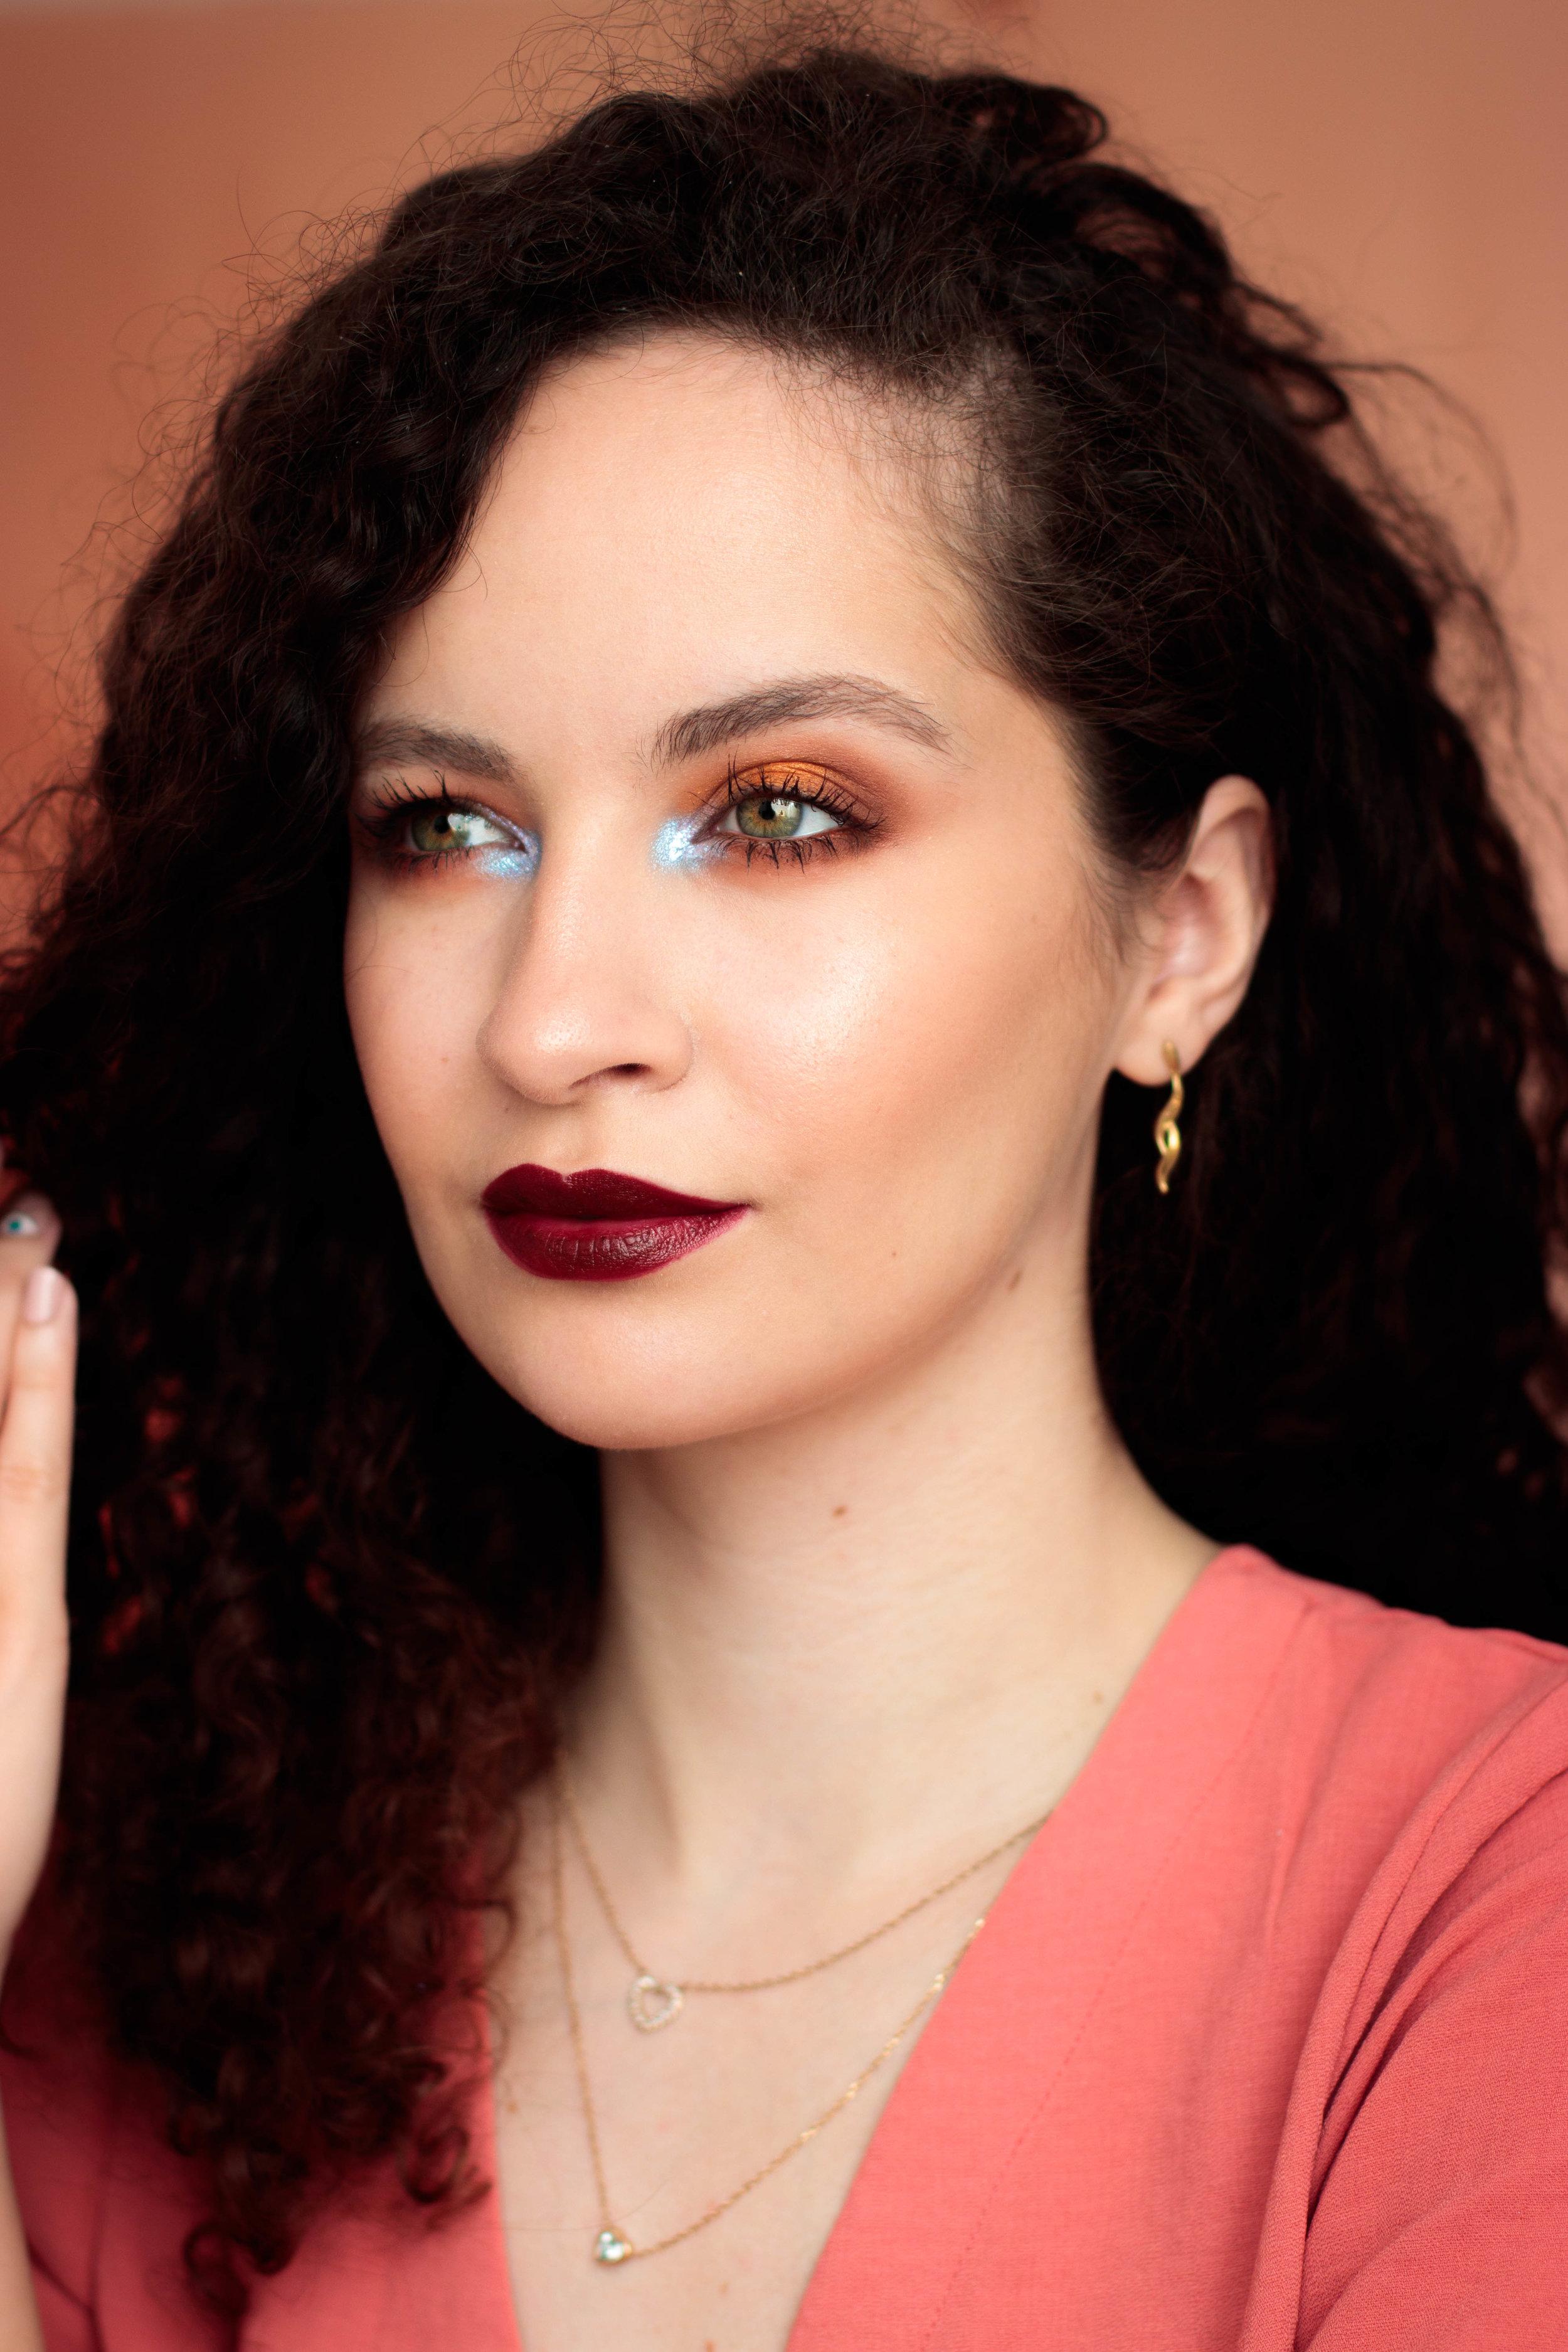 gumball-makeup-pauuulette-i-heart-revolution-sprinkles-palette-4.jpg